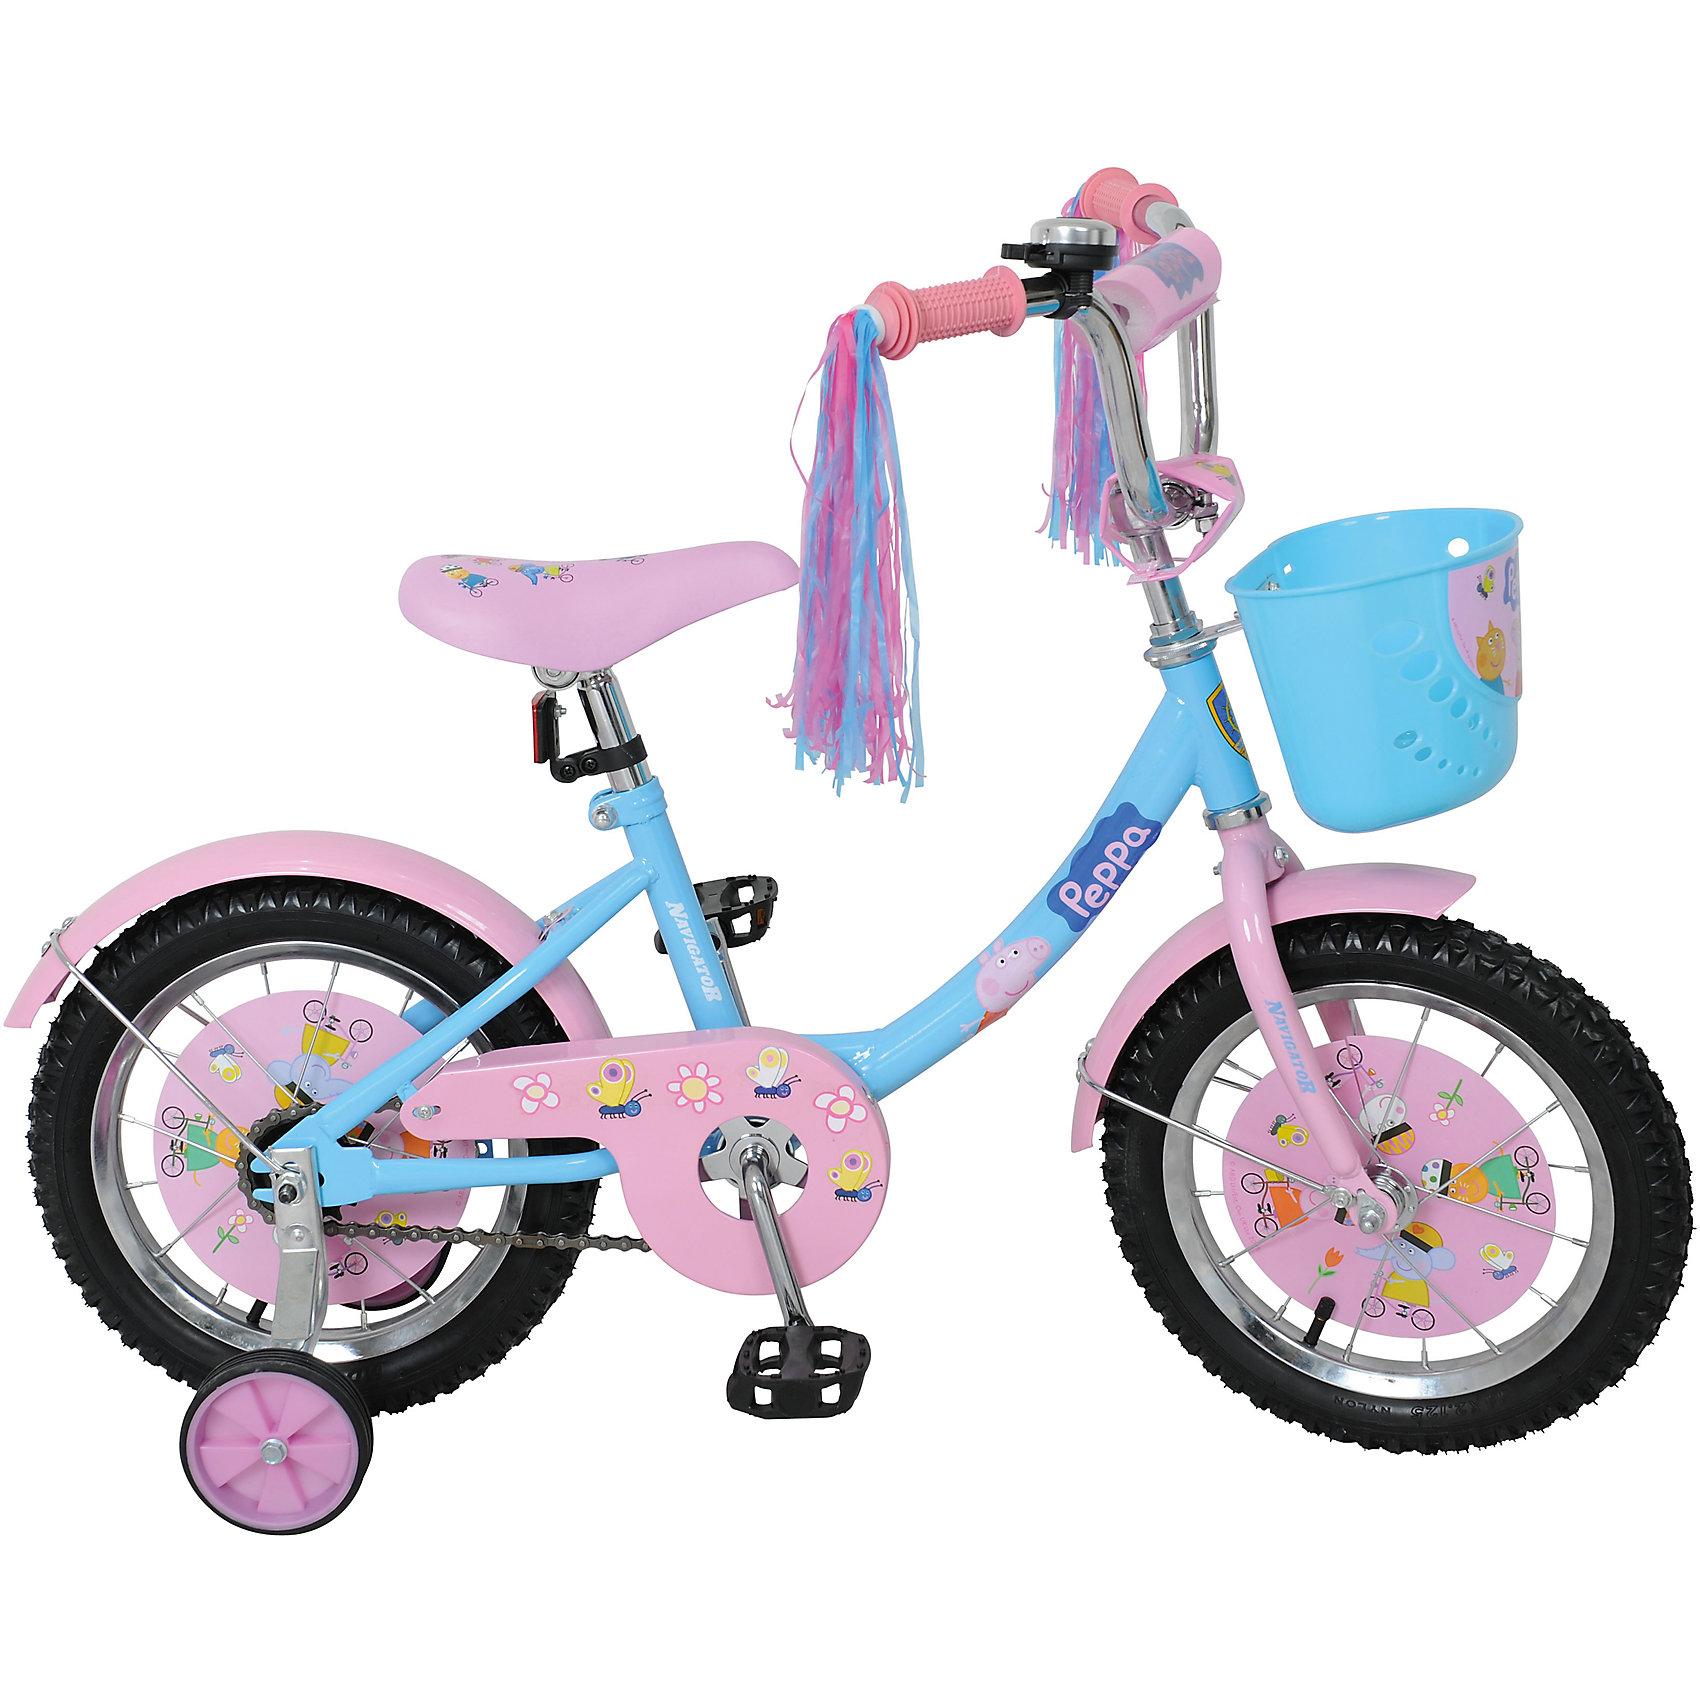 Велосипед Свинка Пеппа, NavigatorВелосипеды детские<br>Велосипед Свинка Пеппа, Navigator (Навигатор) – это яркий, стильный, надежный велосипед высокого качества для маленьких принцесс.<br>Детский велосипед Свинка Пеппа 12В-тип- мечта любой девочки. Красивое, яркое оформление, «дождик» на руле, пластиковая корзина для различных принадлежностей, все это удовлетворит запросы даже самой взыскательной модницы. На этом велосипеде ваша красавица точно не останется не замеченной и получит максимум удовольствия от катания. Рама велосипеда выполнена из высокопрочного металла. Покрытие рамы устойчиво к царапинам. Высота руля и сиденья легко регулируется в соответствии с возрастом и ростом ребенка. Мягкая накладка на руле обеспечит небольшое смягчение при падении на руль. Колеса оснащены резиновыми шинами. Велосипед имеет дополнительные страховочные колеса, защиту цепи, стальные обода для защиты от брызг, удобное сиденье эргономичной формы, звонок, светоотражатели для безопасной езды в темное время суток. Основные колеса декорированы яркими вставками в стиле Свинка Пеппа. На ручках руля нескользящее покрытие. Катание на велосипеде поможет ребенку укрепить опорно-двигательную и сердечнососудистую системы.<br><br>Дополнительная информация:<br><br>- Возрастная категория: от 4 до 6 лет<br>- Подходит для детей ростом 95-115 см.<br>- Диаметр колес: 14 дюймов<br>- Односоставной шатун<br>- Ножной тормоз<br>- Материал рамы: сталь<br>- Вес в упаковке: 9,4 кг.<br><br>Велосипед Свинка Пеппа, Navigator (Навигатор) можно купить в нашем интернет-магазине.<br><br>Ширина мм: 800<br>Глубина мм: 170<br>Высота мм: 360<br>Вес г: 9400<br>Возраст от месяцев: 48<br>Возраст до месяцев: 120<br>Пол: Женский<br>Возраст: Детский<br>SKU: 4655106